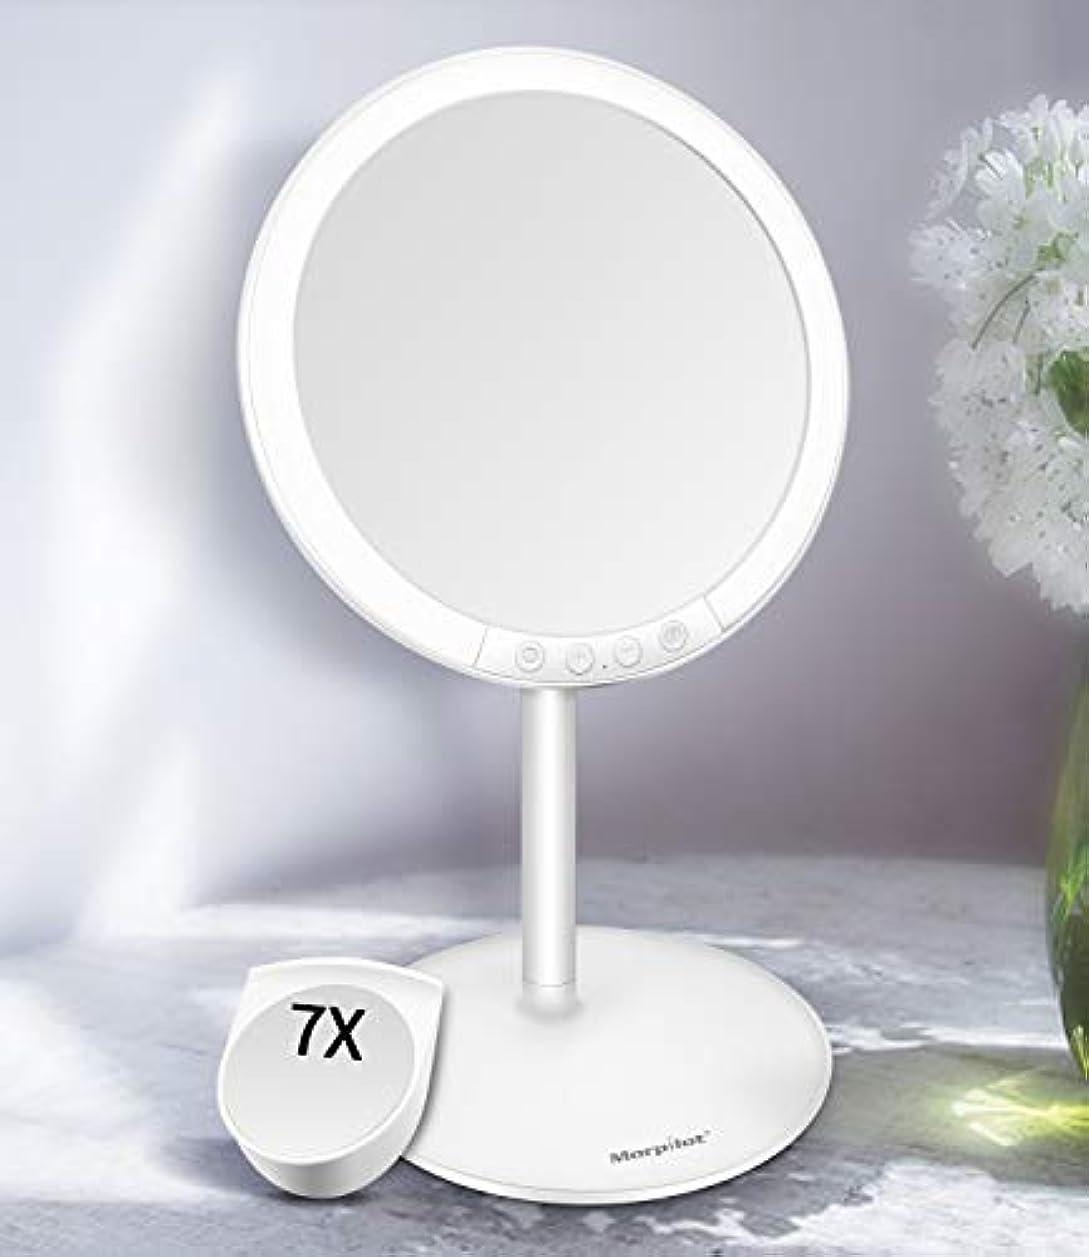 ショップ紳士レスリングMotpilot 化粧鏡 卓上ミラー 鏡 化粧ミラー 女優ミラー LEDミラー スタンドミラー USB充電式 寒暖色調節可能 明るさ7段階調節可能 7倍拡大鏡付き 120°回転 ホワイト